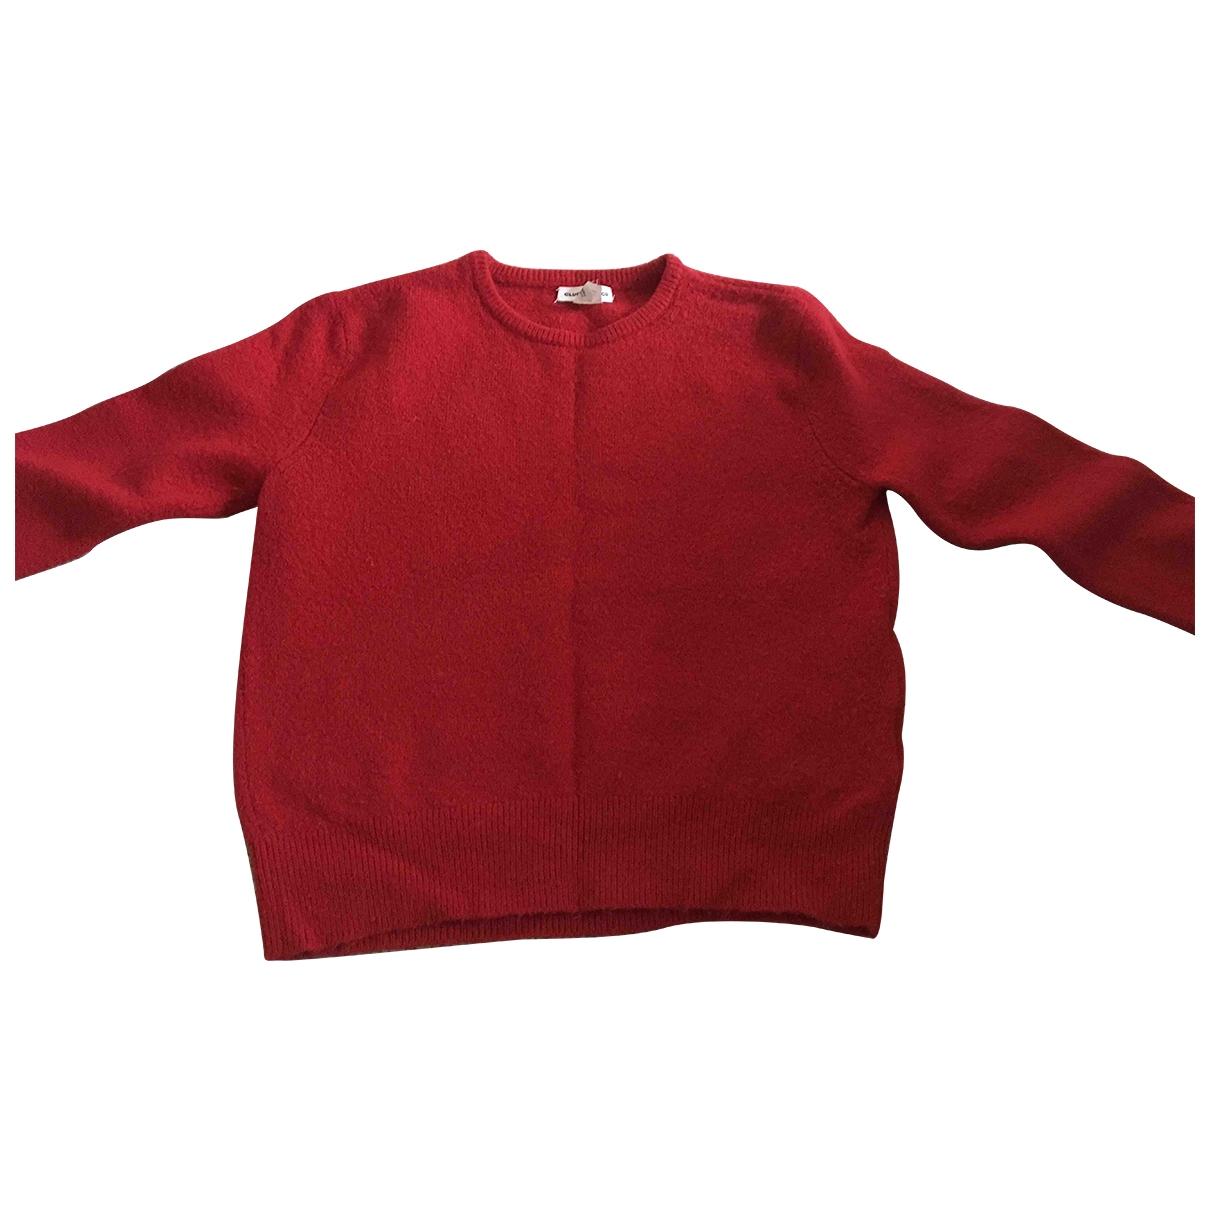 Club Monaco \N Red Knitwear for Women XS International